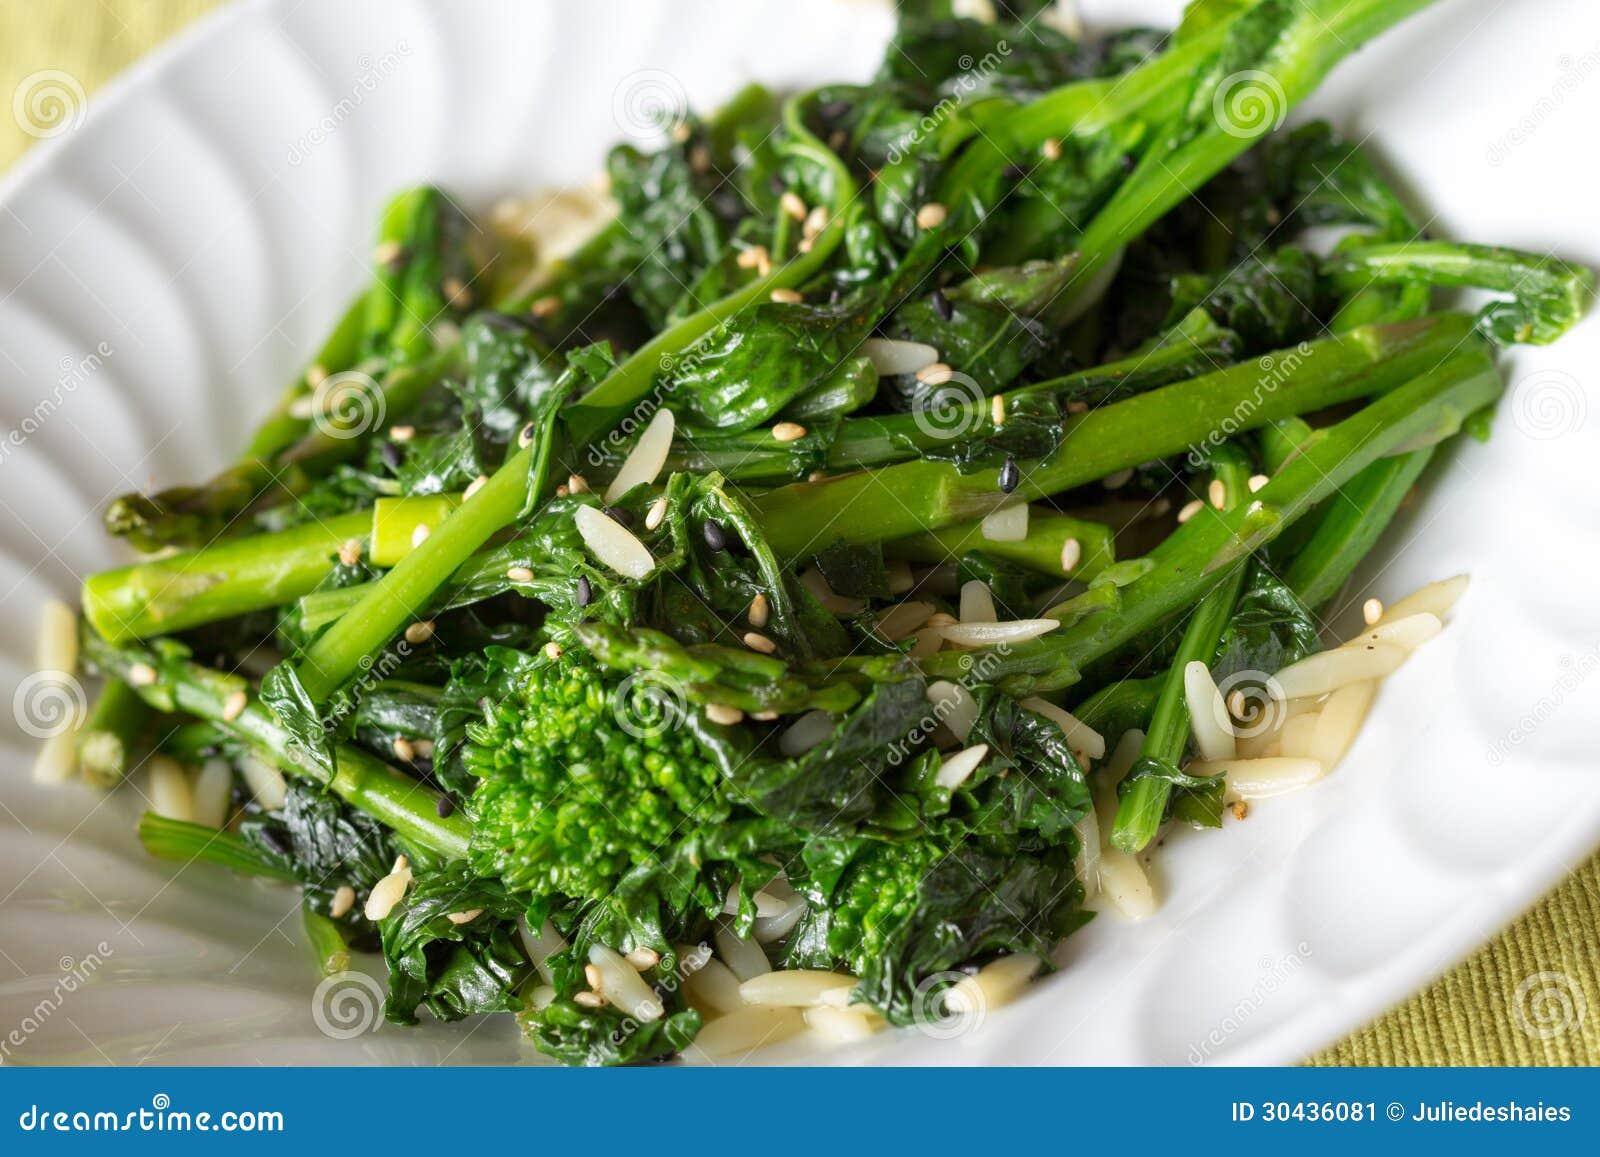 how to make rapini salad